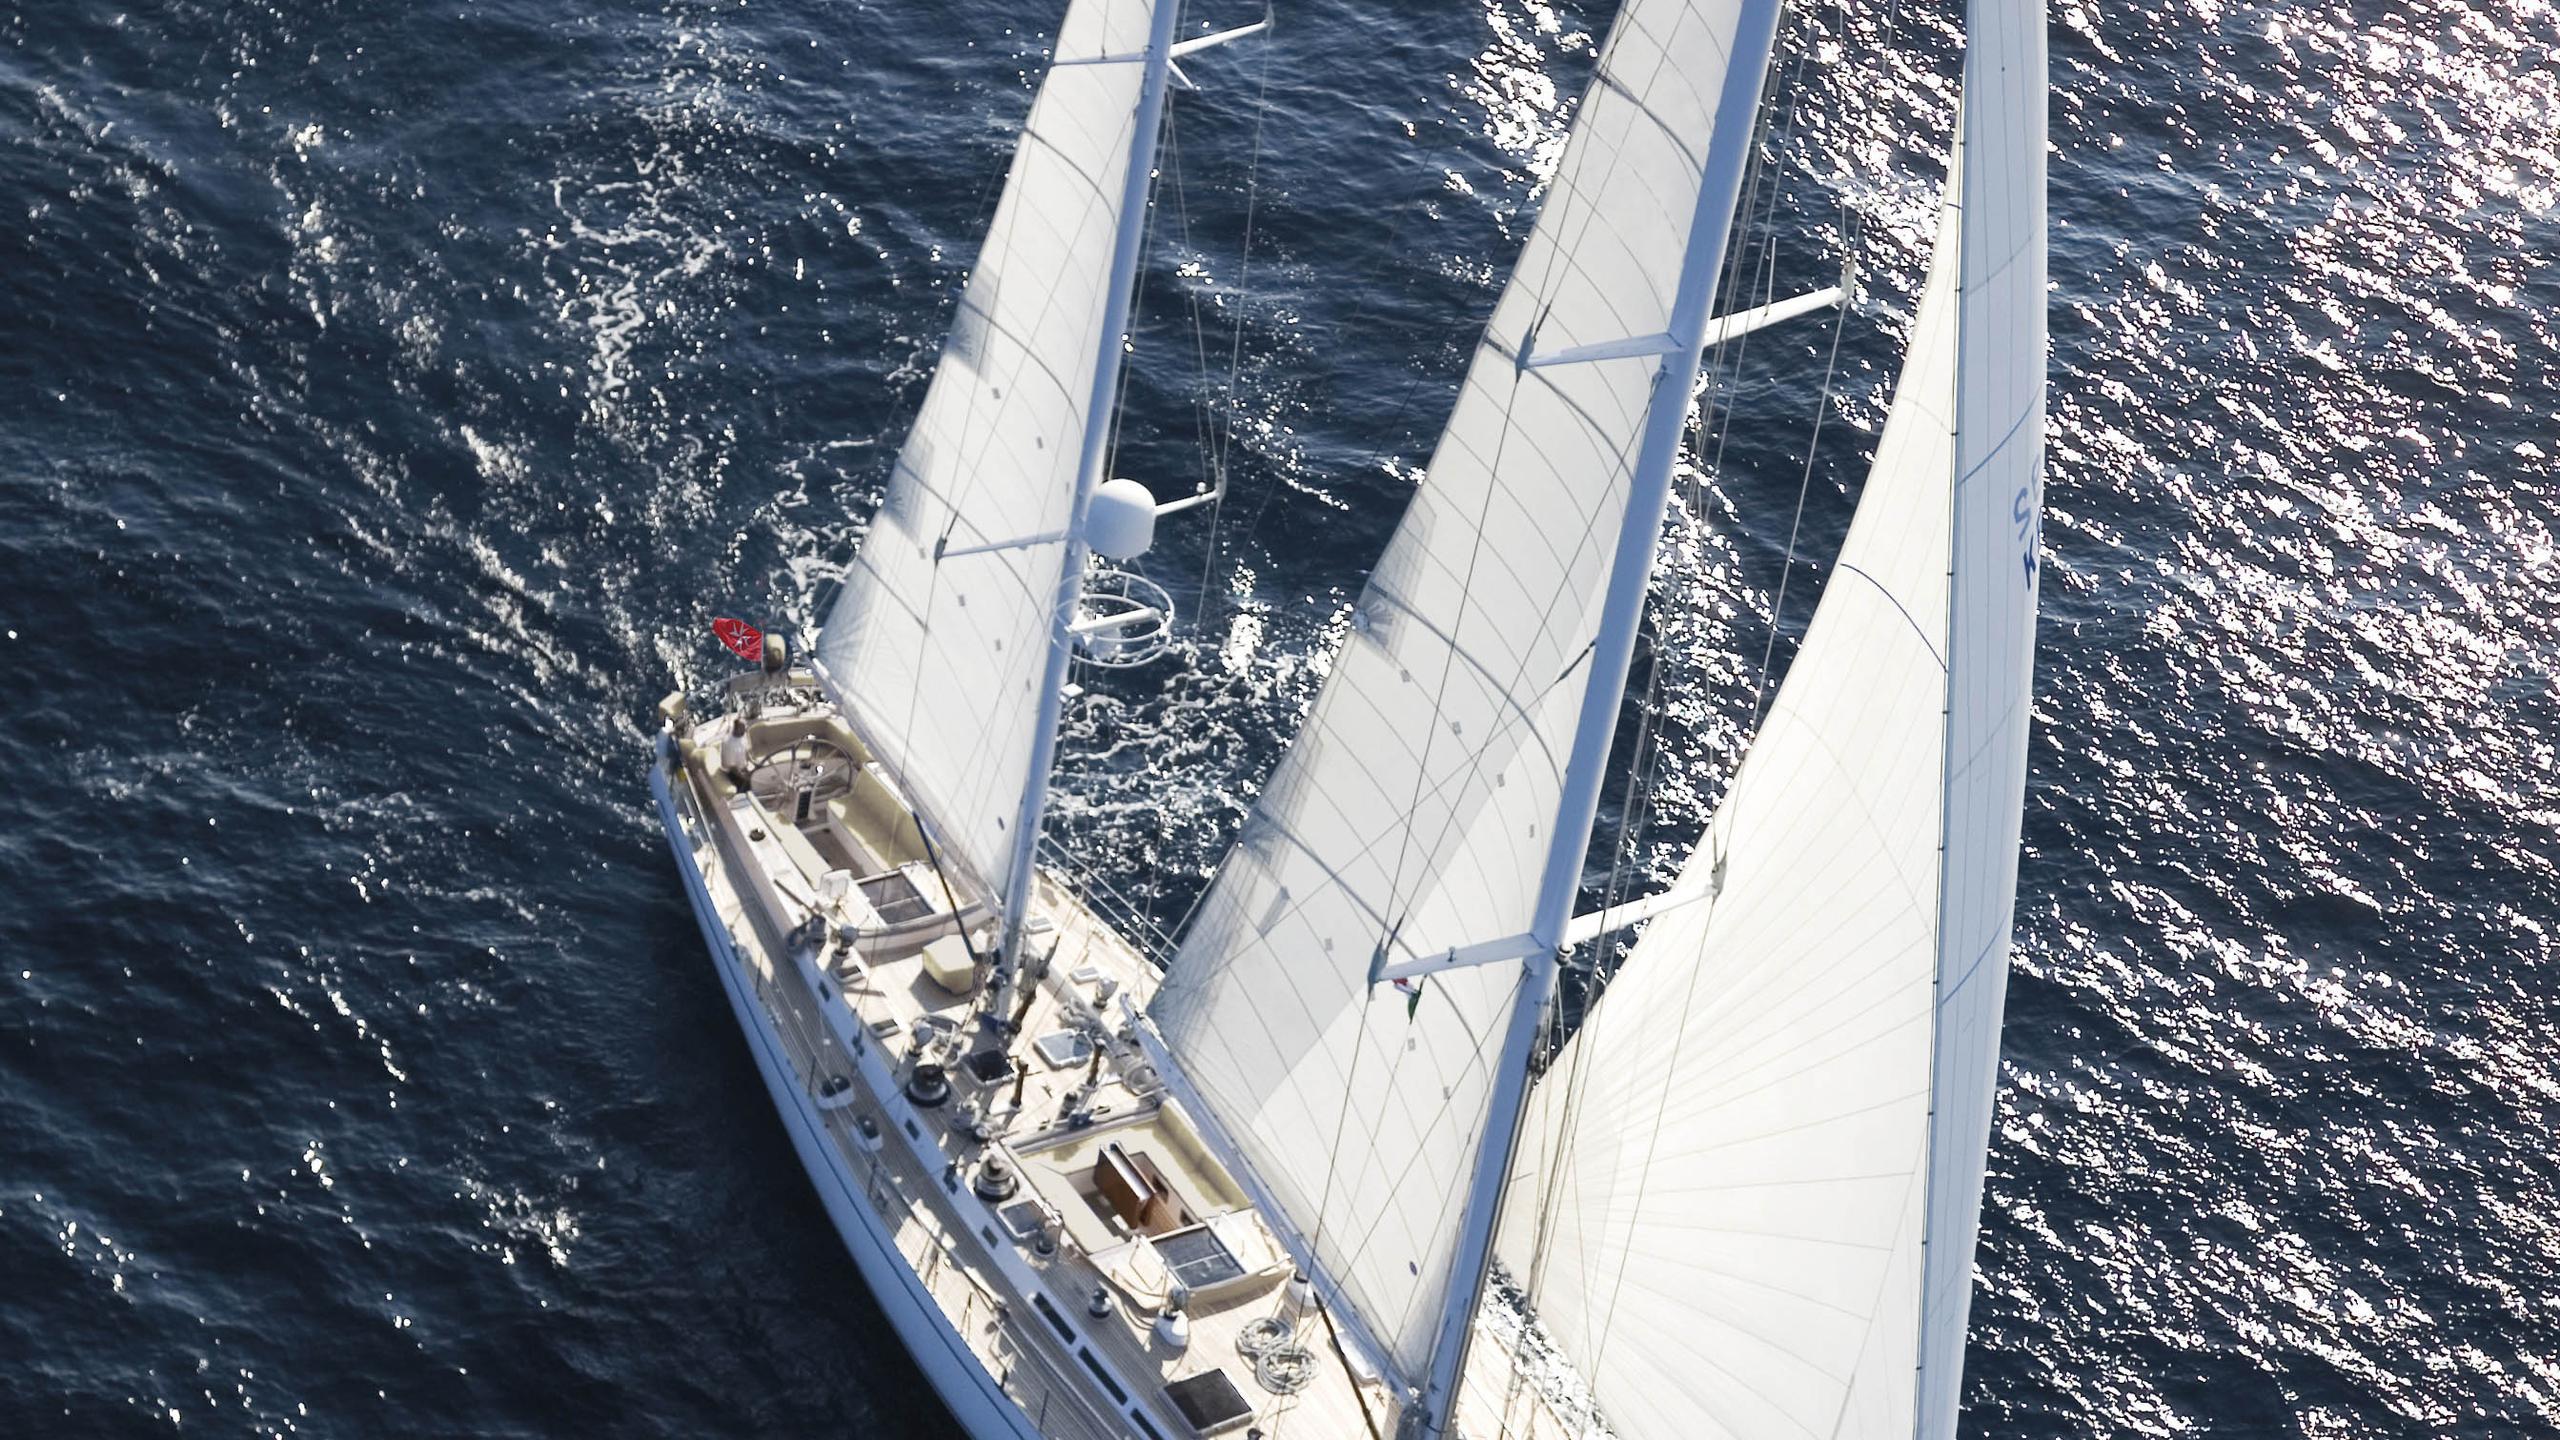 cyclos ii sailing yacht royal huisman 28m 1985 aerial